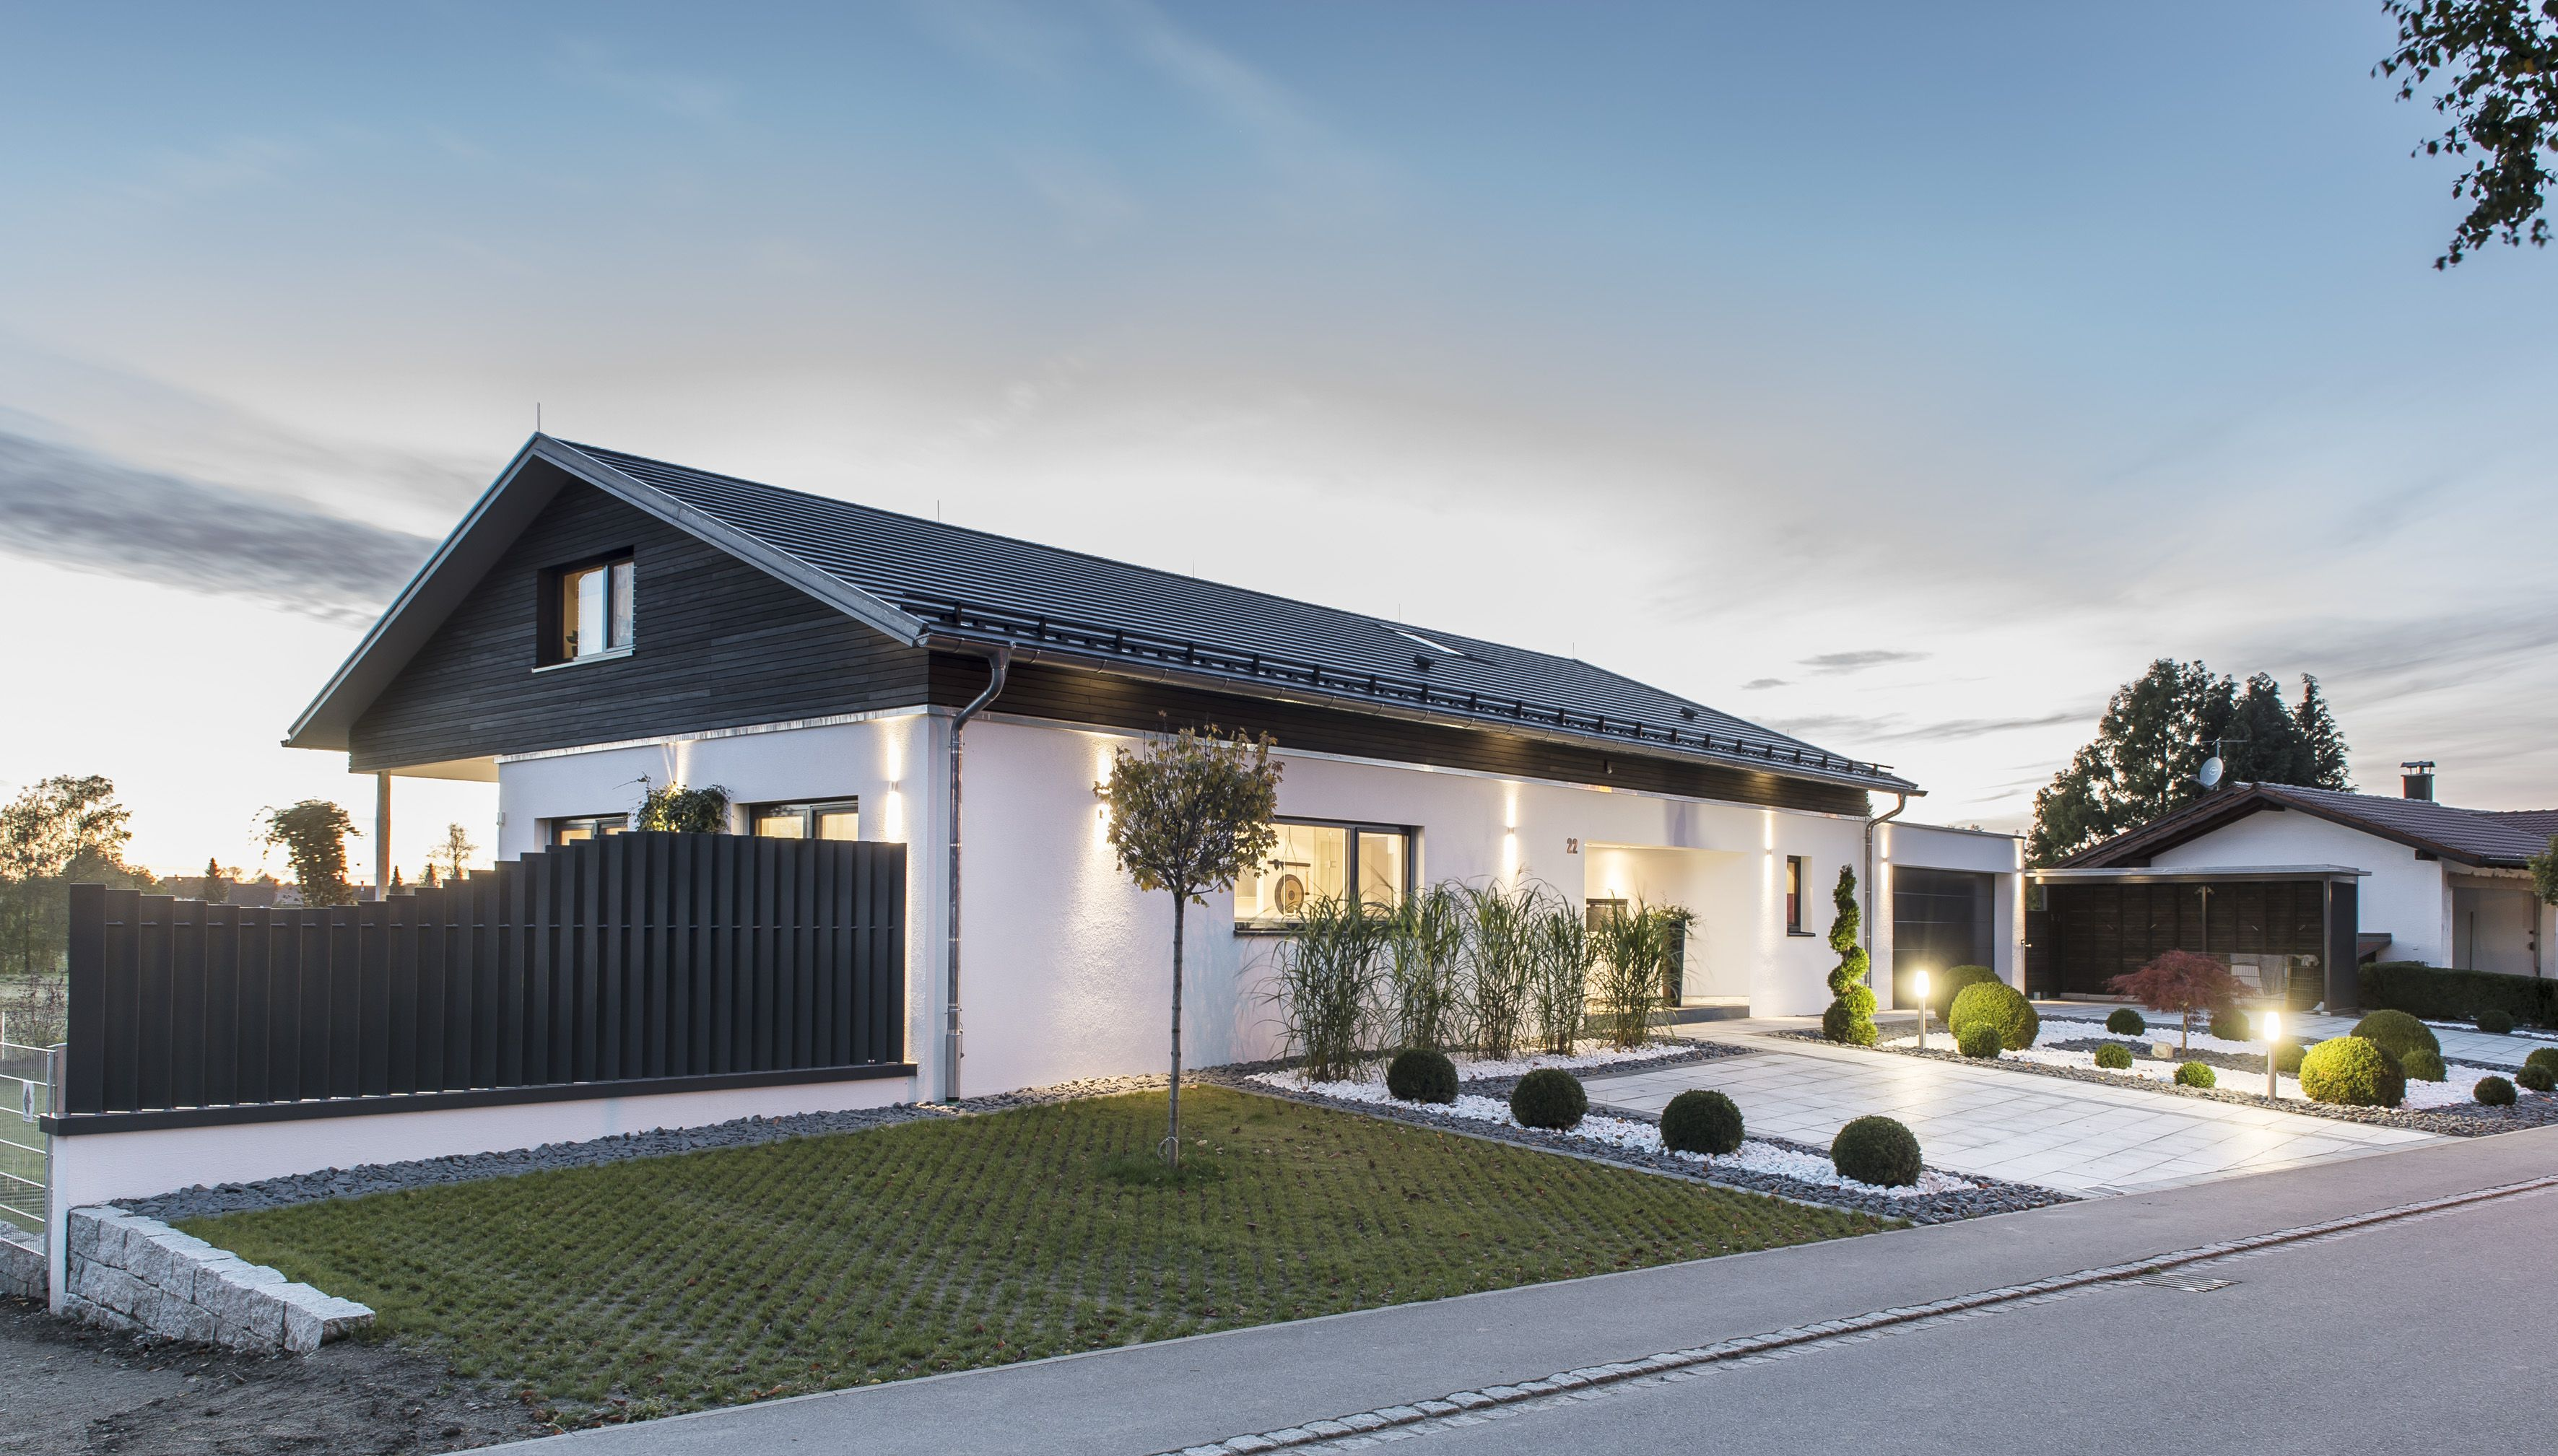 Uberzeugende Ergebnisse Einer Aktuellen Studie Der Tu Darmstadt Zufolge Weist Das Massive Bauen Im Vergleich Zu Anderen Bauwei Massiv Bauen Haus Bau